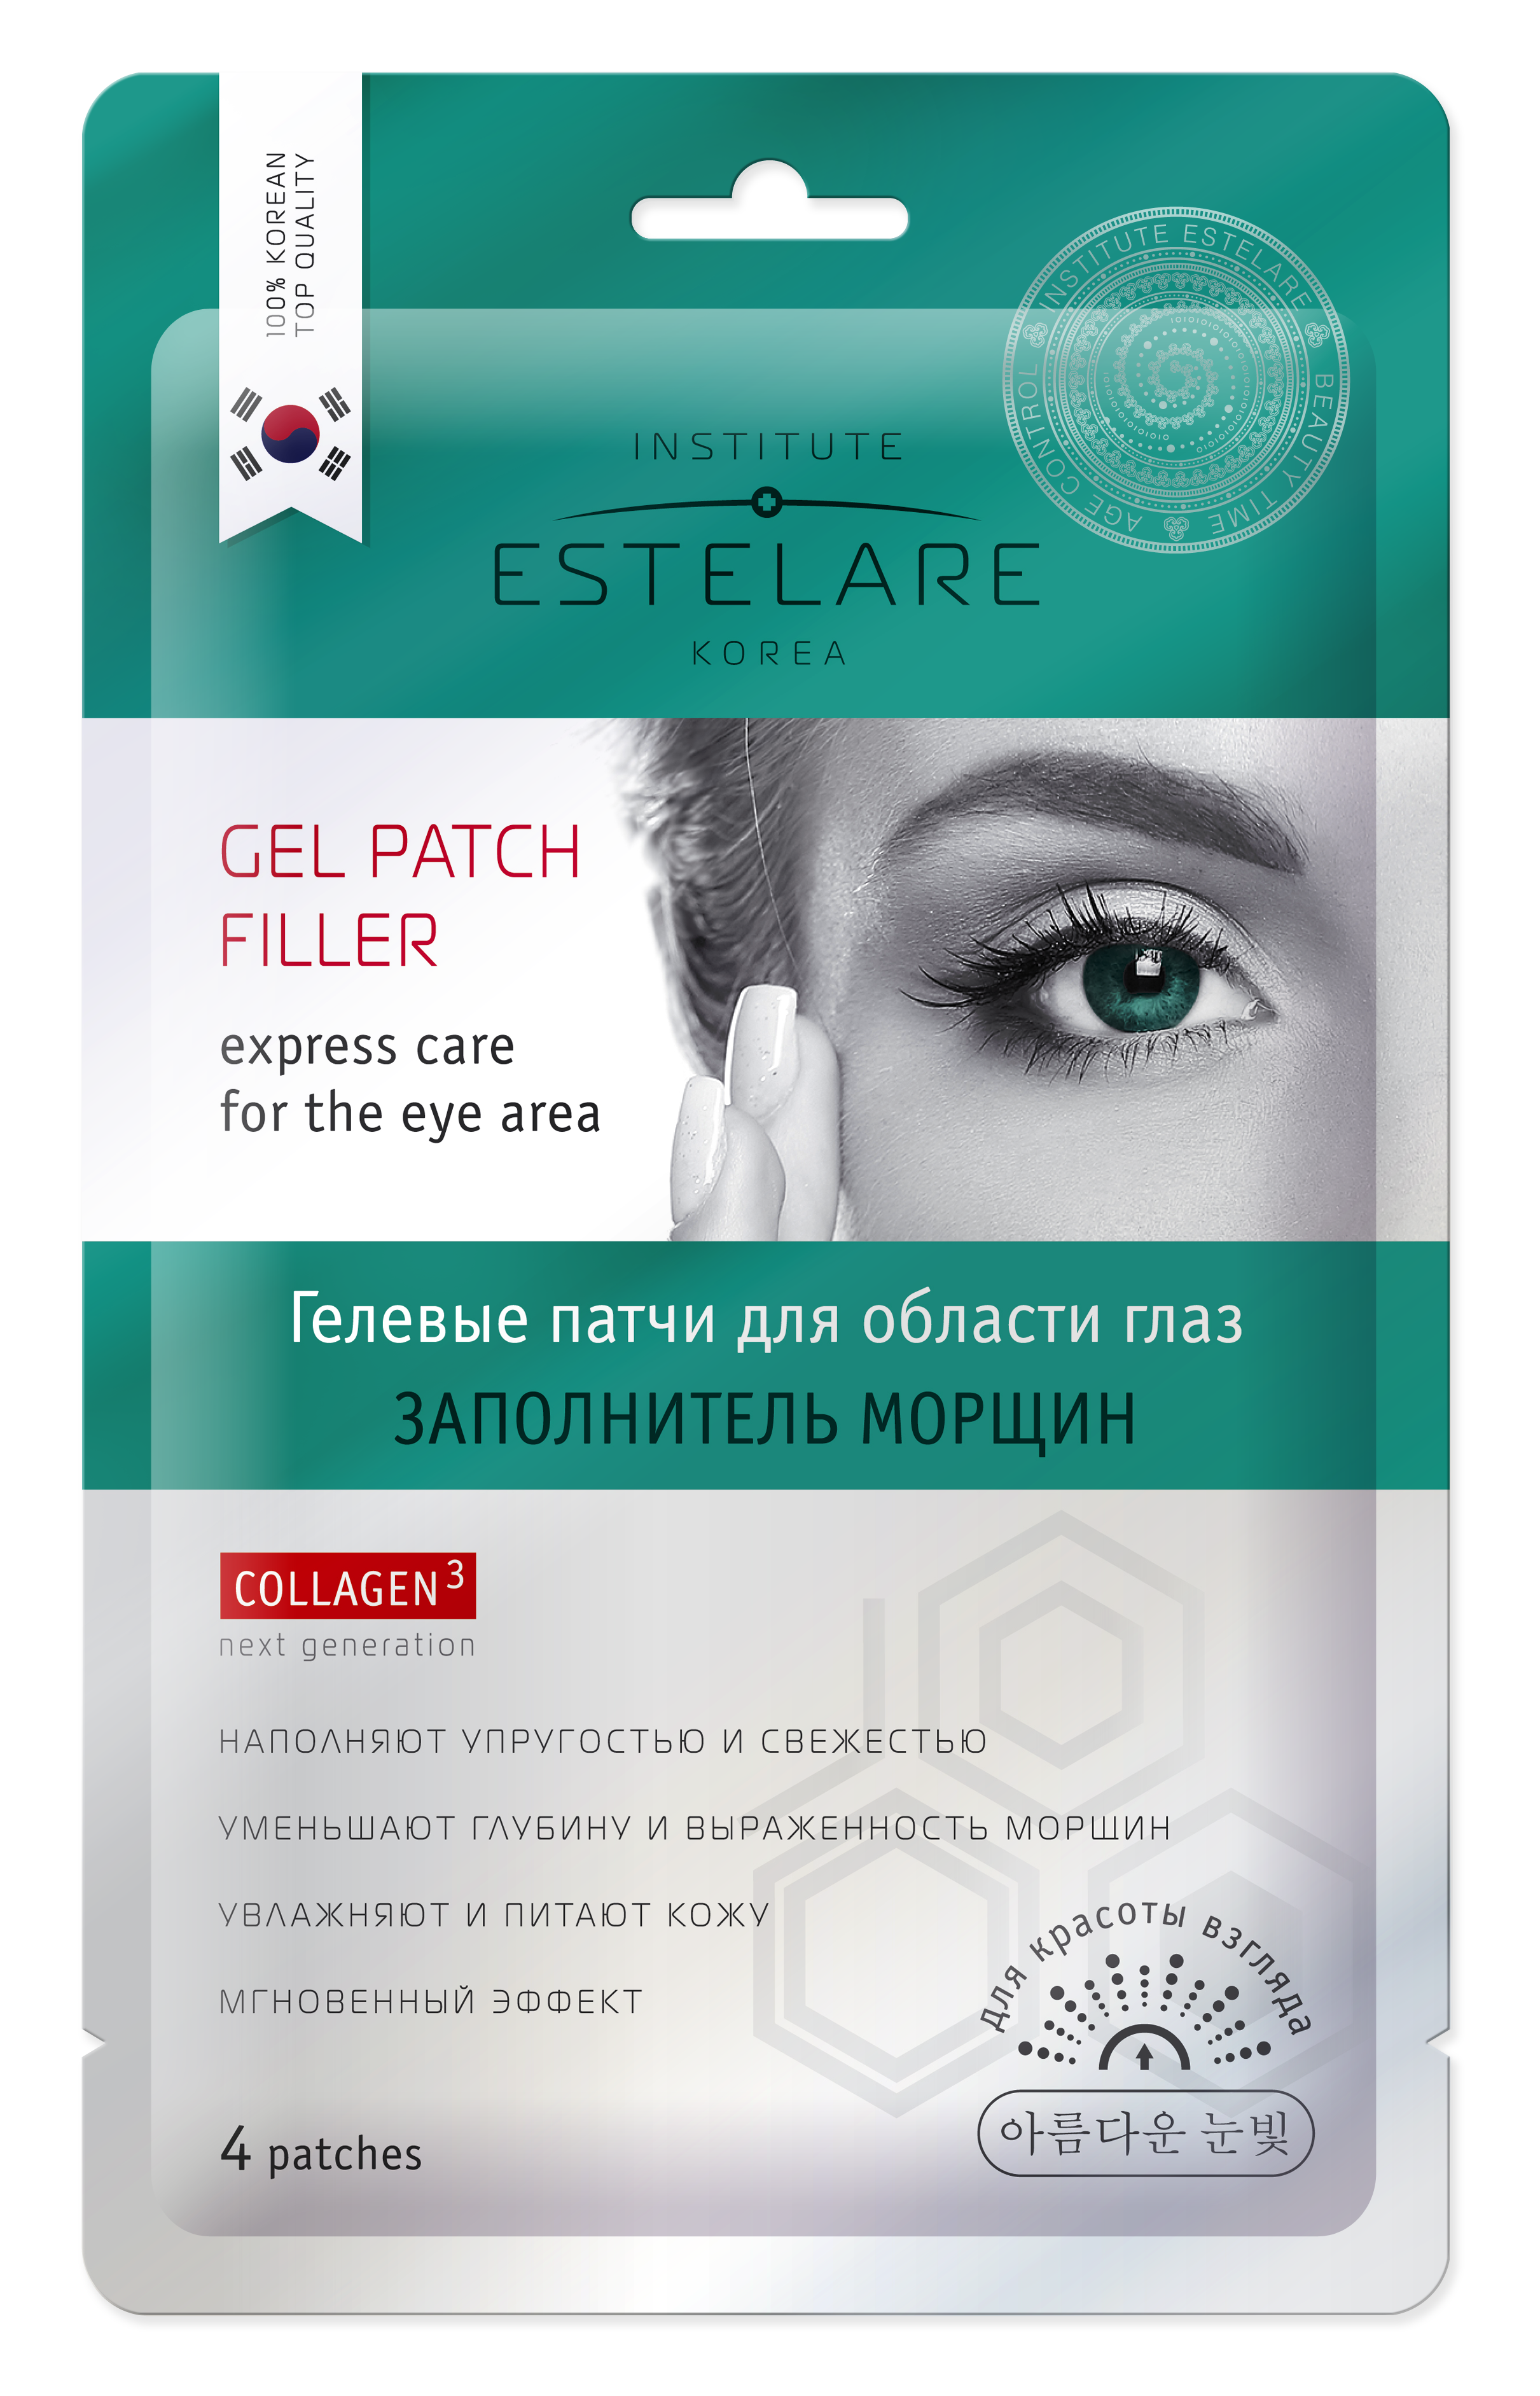 SHARY Патчи гелевые для области глаз Заполнитель морщин / ESTELARE 1г х 4 штПатчи<br>Патчи-филлеры - эффективное и быстродействующее средство, направленное на разглаживание рельефа кожи и устранение морщин. В основе лежит уникальная антивозрастная технология, основанная на сочетании 3 видов коллагена и комплекса экстрактов. Благодаря этому патчи оказывают потрясающее двойное действие. Во-первых, мгновенно заполняют морщины, а во-вторых, способствуют их интенсивному разглаживанию изнутри, фиксируя надолго результат. Три вида коллагена, действуя каждый на своем уровне, уменьшают количество и глубину морщин, обладают мощным омолаживающим действием, восстанавливают и укрепляют верхние слои эпидермиса, придают коже эластичность, упругость и гладкость, обладают ярко выраженным лифтинговым эффектом. Комплекс экстрактов снимает отеки, уменьшает круги и улучшает цвет кожи под глазами, убирает признаки усталости, увлажняя, тонизируя и освежая кожу вокруг глаз. Активные ингредиенты.&amp;nbsp;Состав: Water, Glycerin, Sodium Polyacrylate, Carbomer, Chndrus Crispus (Carrageenan), Butylene Glycol, Tartaric Acid, Aluminum Glycinate, Scutellaria Baicalensis Root Extract, Paeonia Suffruticosa Root Extract, Ethyl Hexanediol, Methylparaben, Titanium Dioxide, Disodium EDTA, Hydrolyzed Collagen, Hydrolyzed Extensin, Lithospermum Erythrorhizon Root Extract, Centella Asiatica Extract, Aloe Barbadensis Leaf Extract, Soluble Collagen, Phenoxyethanol. Способ применения: патчи могут быть использованы для носогубной области. Размер и форма специально разработаны с учетом анатомических особенностей контура глаз и носогубных складок.<br><br>Возраст применения: После 35<br>Типы кожи: Для всех типов<br>Назначение: Морщины<br>Консистенция: Гелеобразная